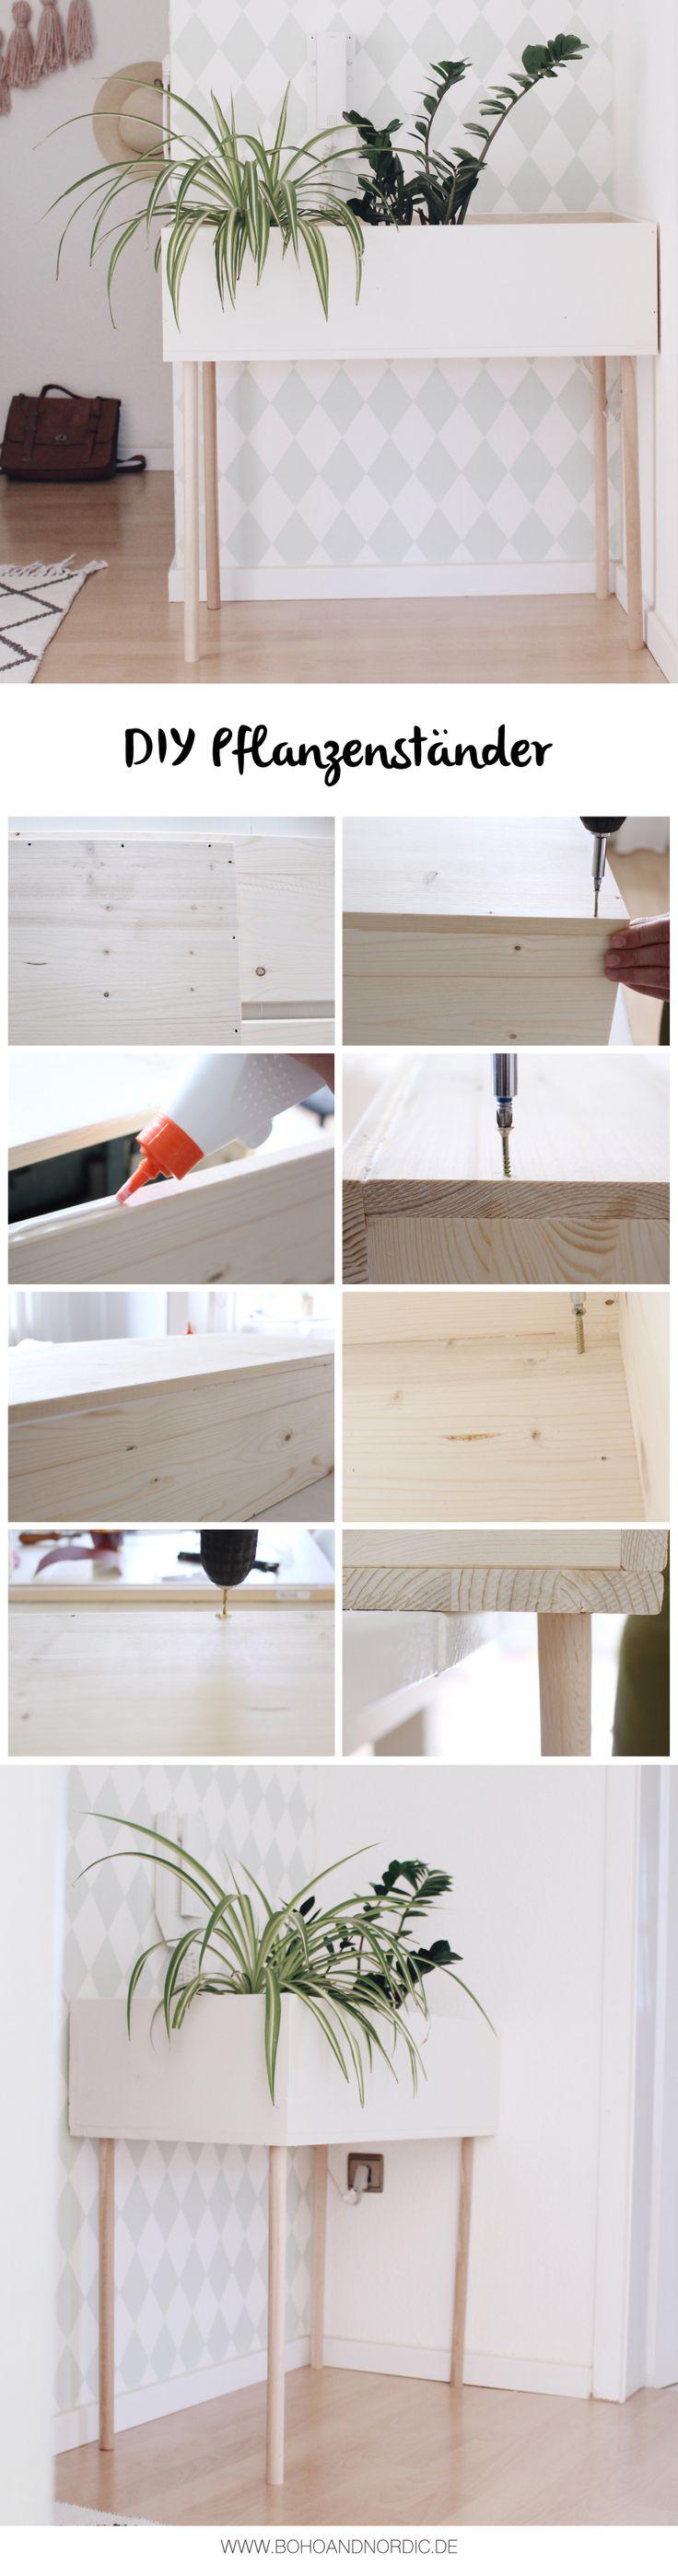 DIY Möbel und Wohnen - Pflanzenständer im skandinavischen Stil selber machen. Möbel aus Holz selber bauen.